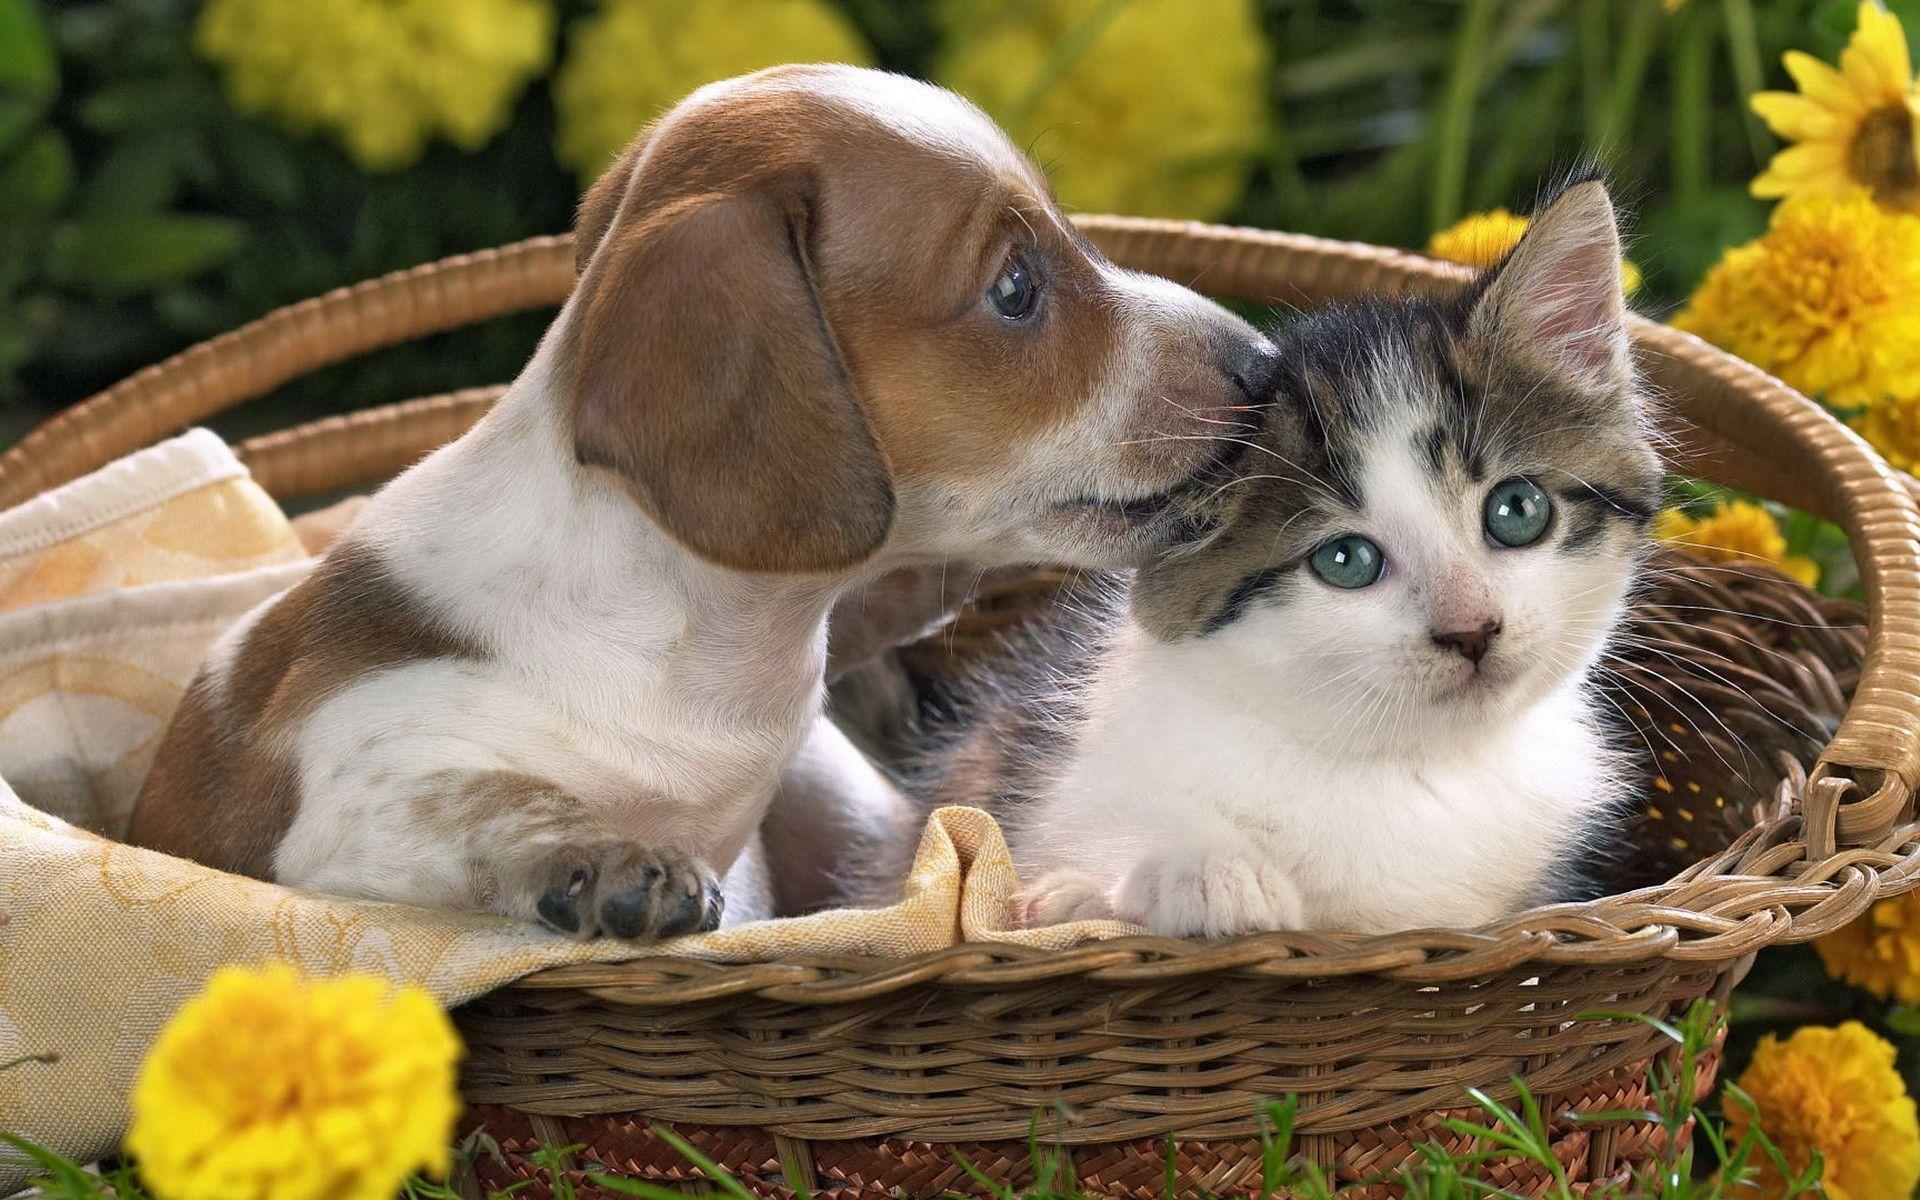 kitten and puppy - The Cutest Kittens   Kyna's stuff   Pinterest ...